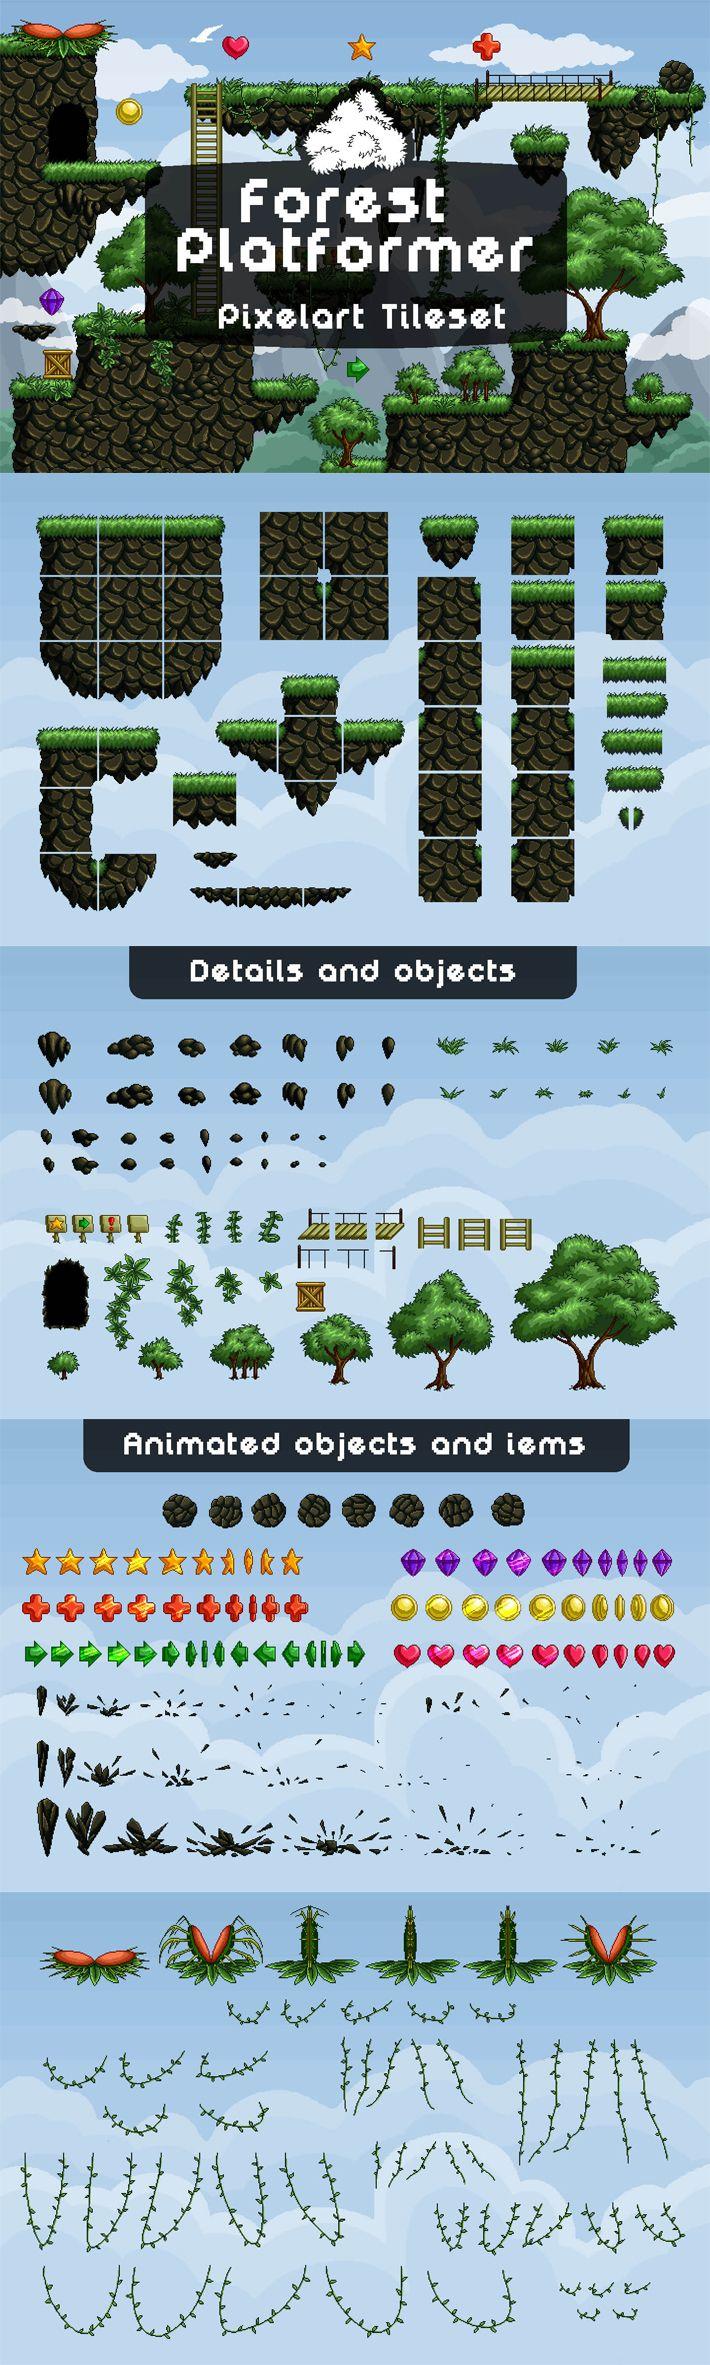 Forest Platformer Tileset Pixel Art – Pixel Art Game Assets